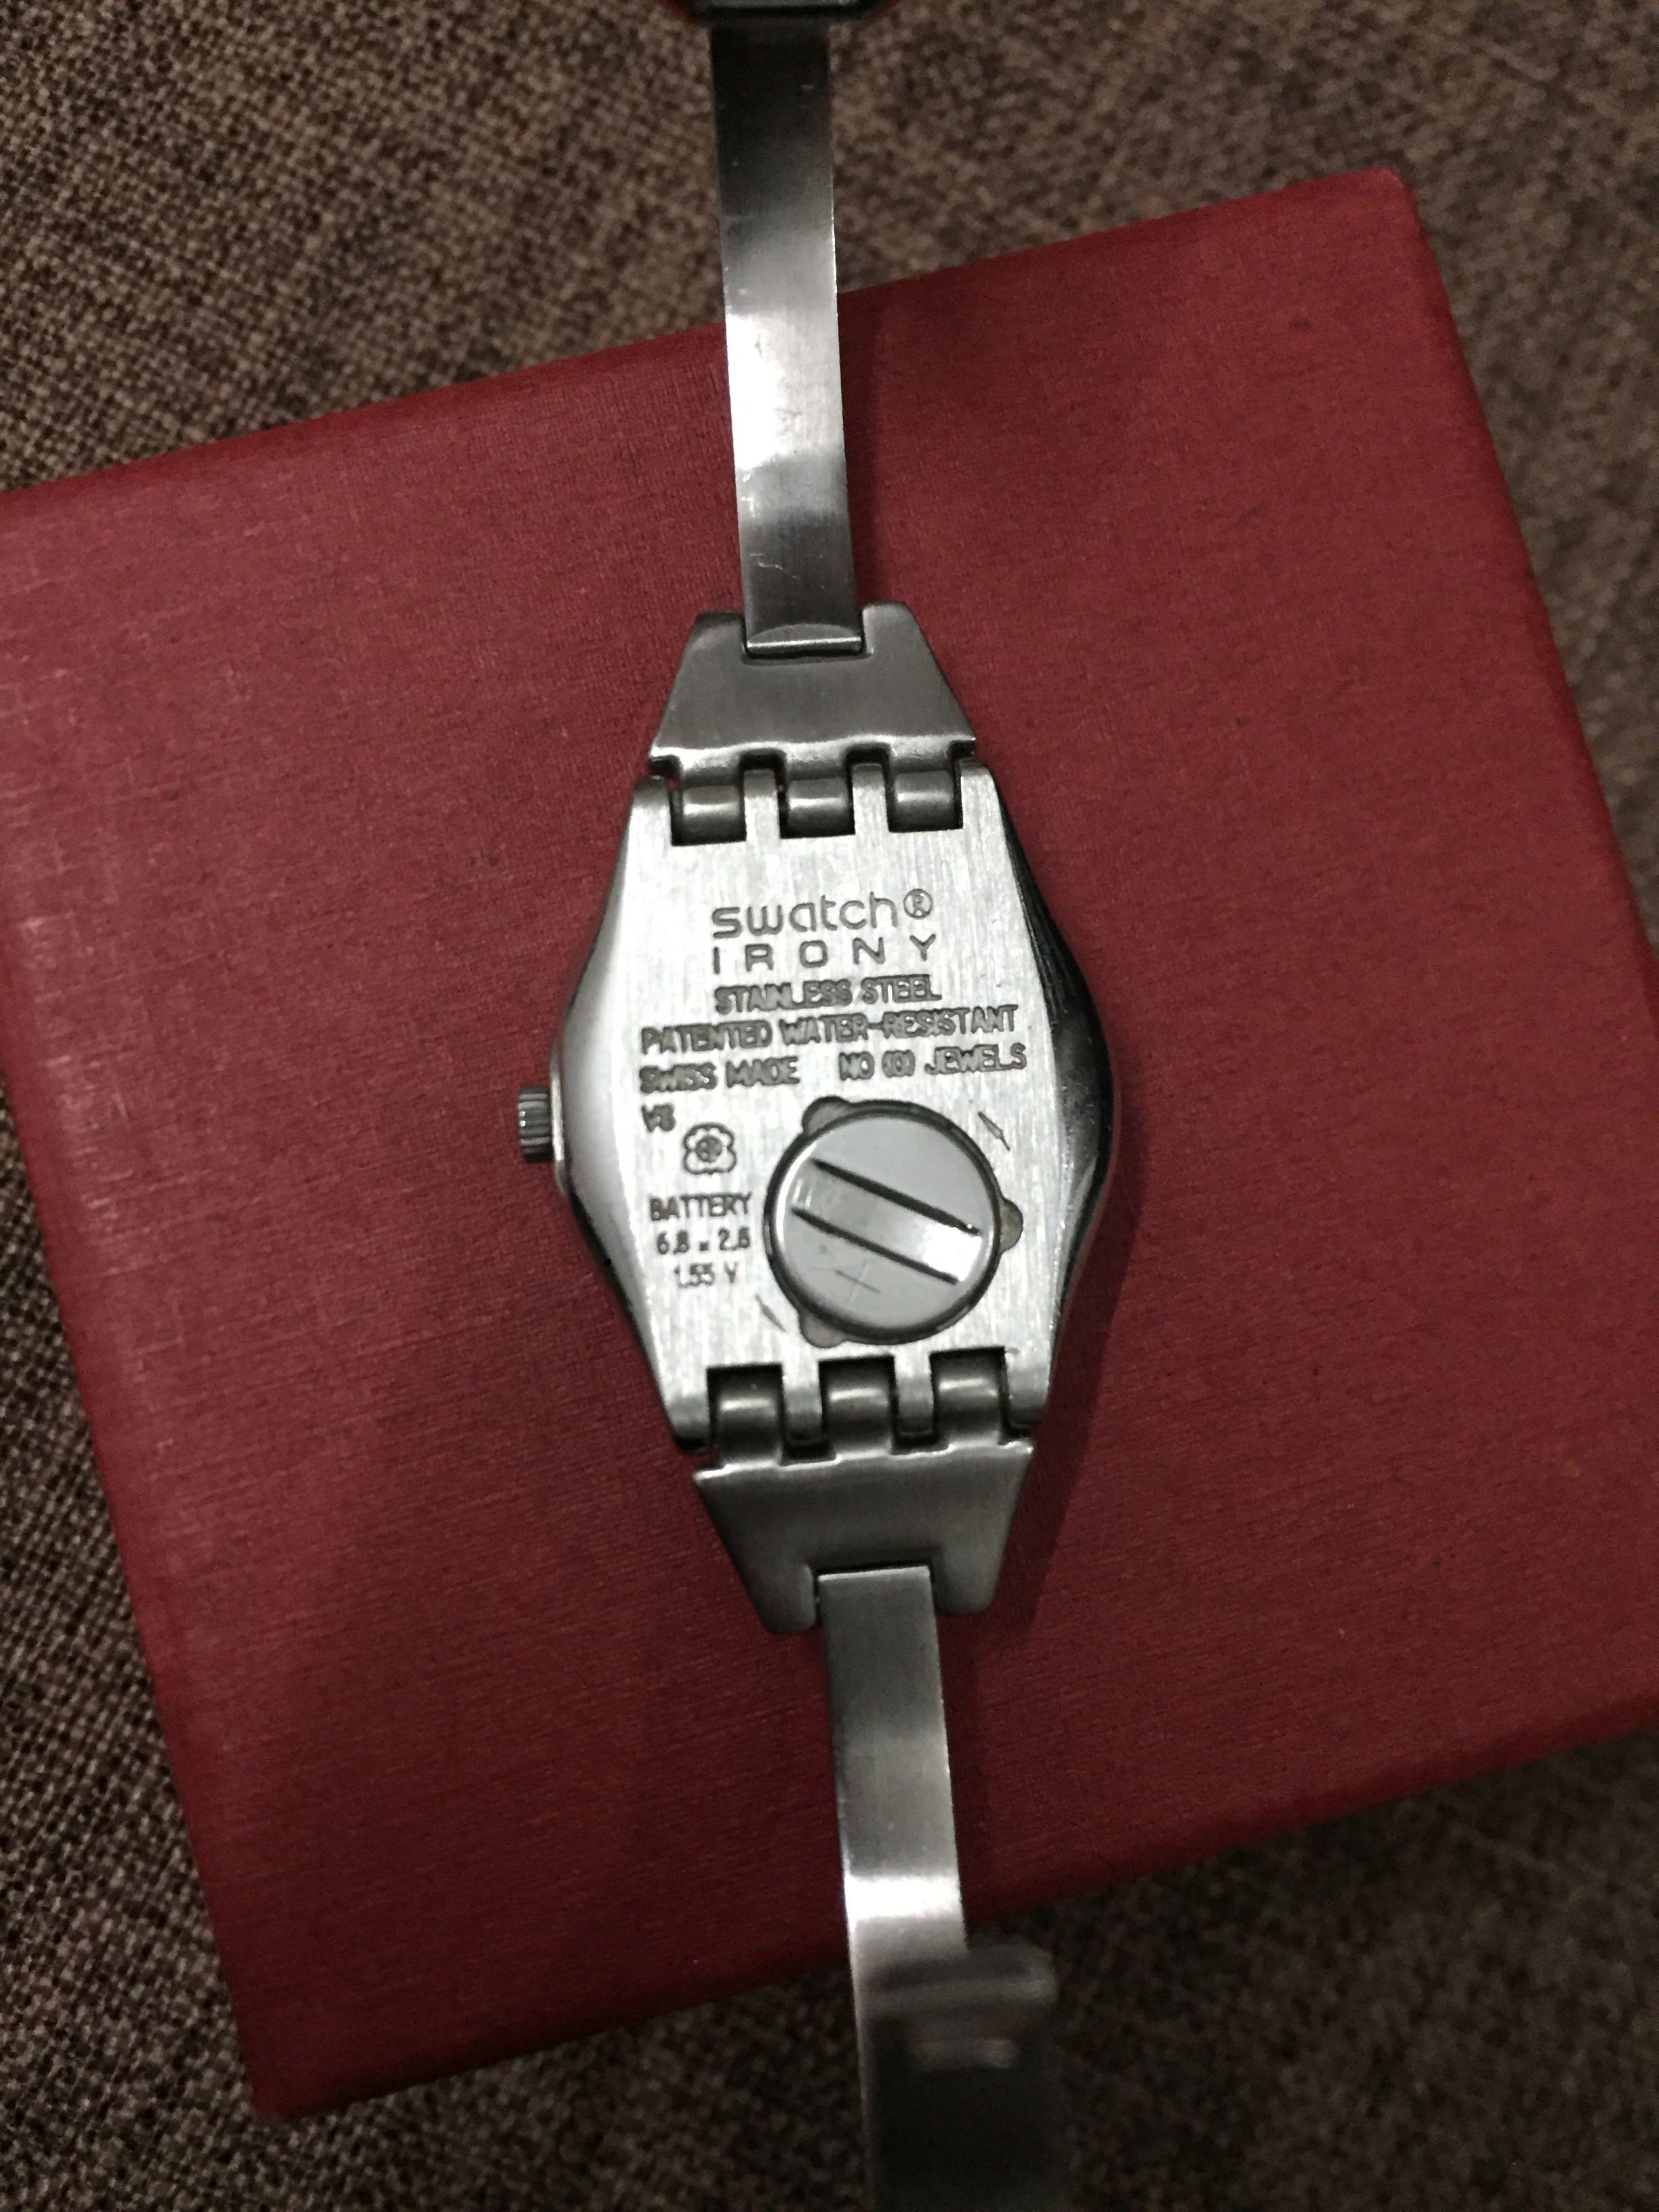 Swatch Irony Bangle Watch